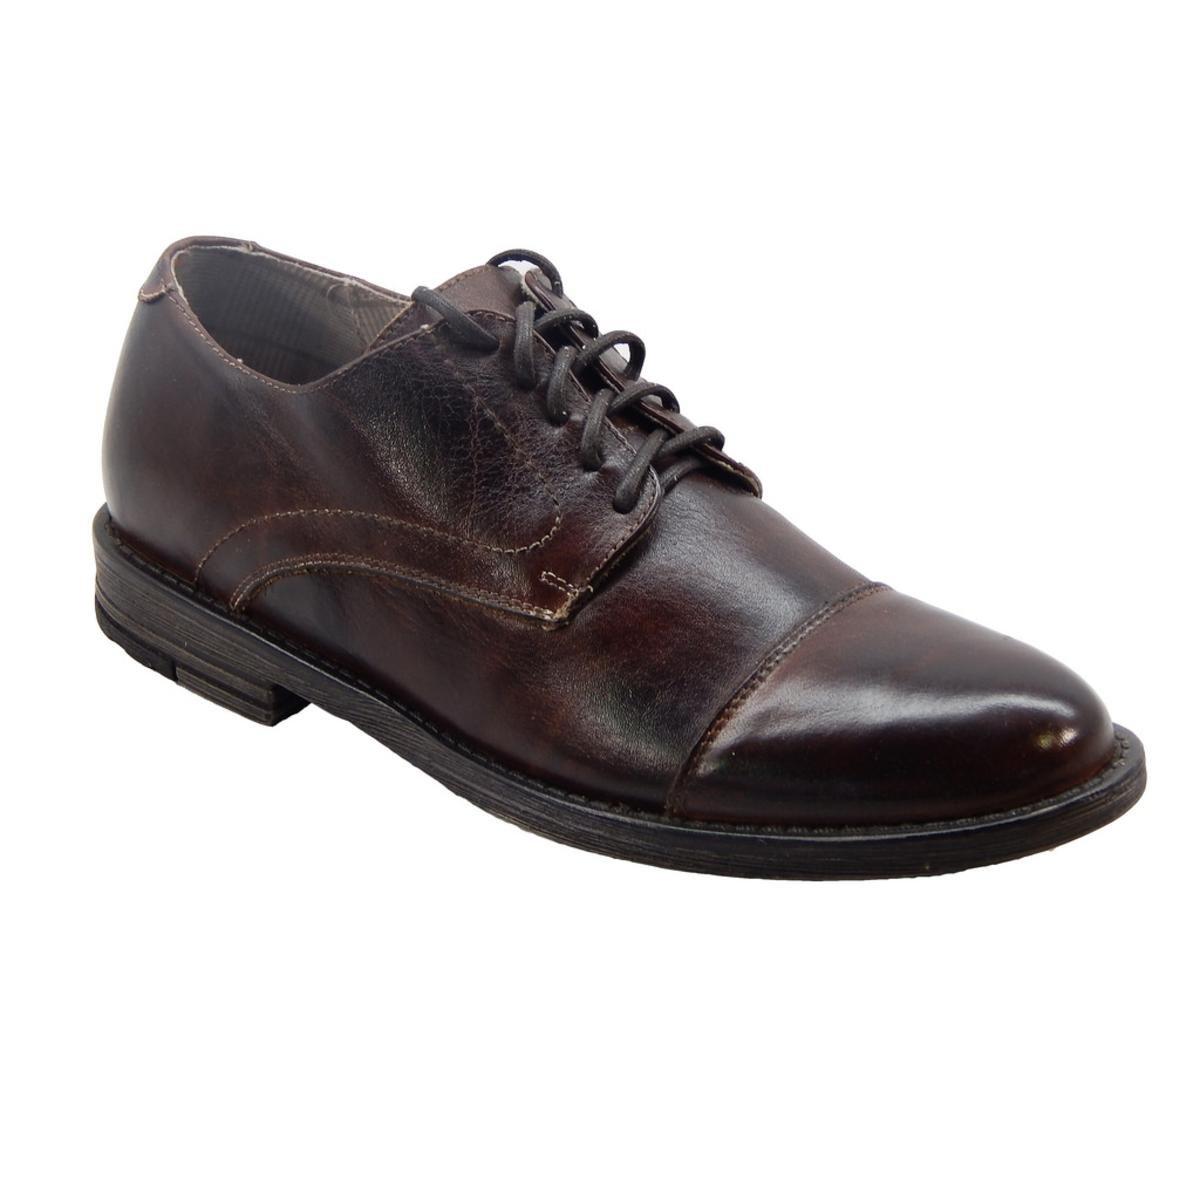 BED STU Damien Mens Teak Rustic Loafers